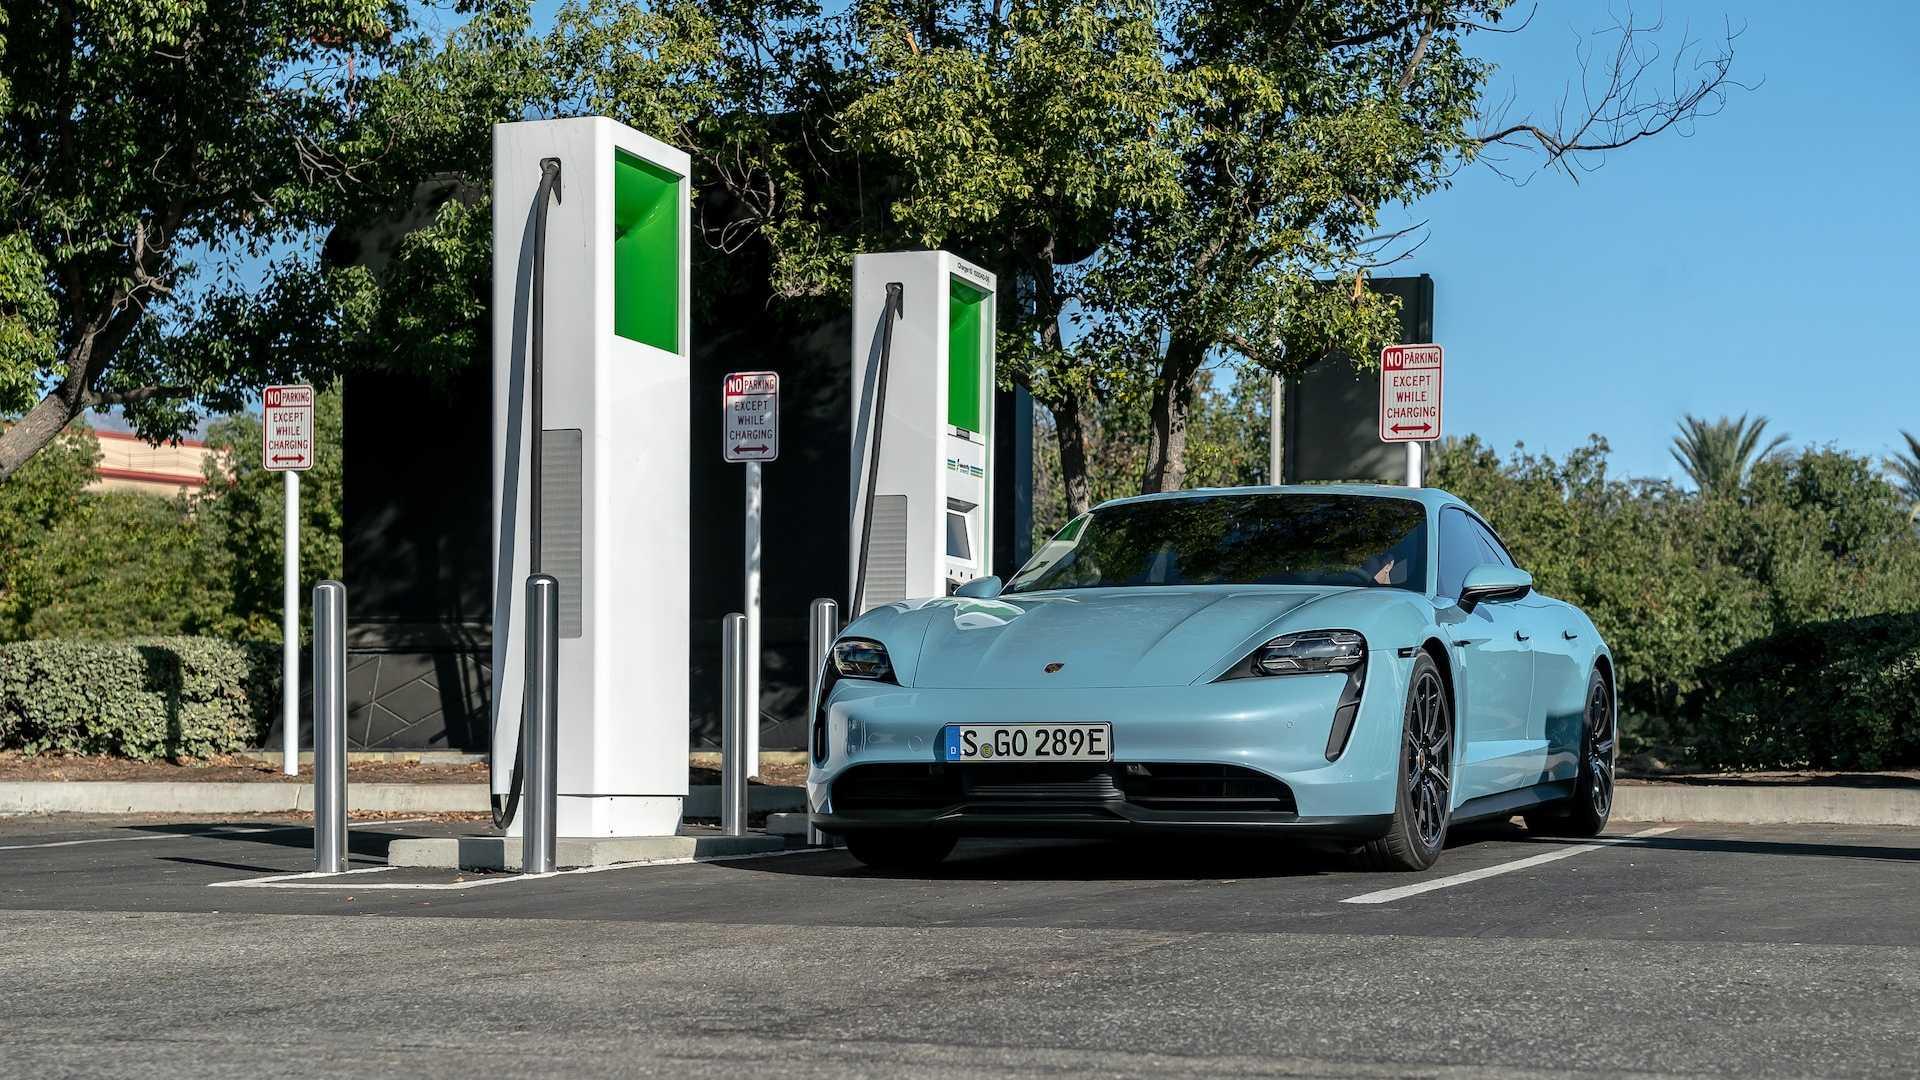 Наблюдайте за этими Porsche Taycan 4S с тестами зарядки аккумулятора 79 кВтч